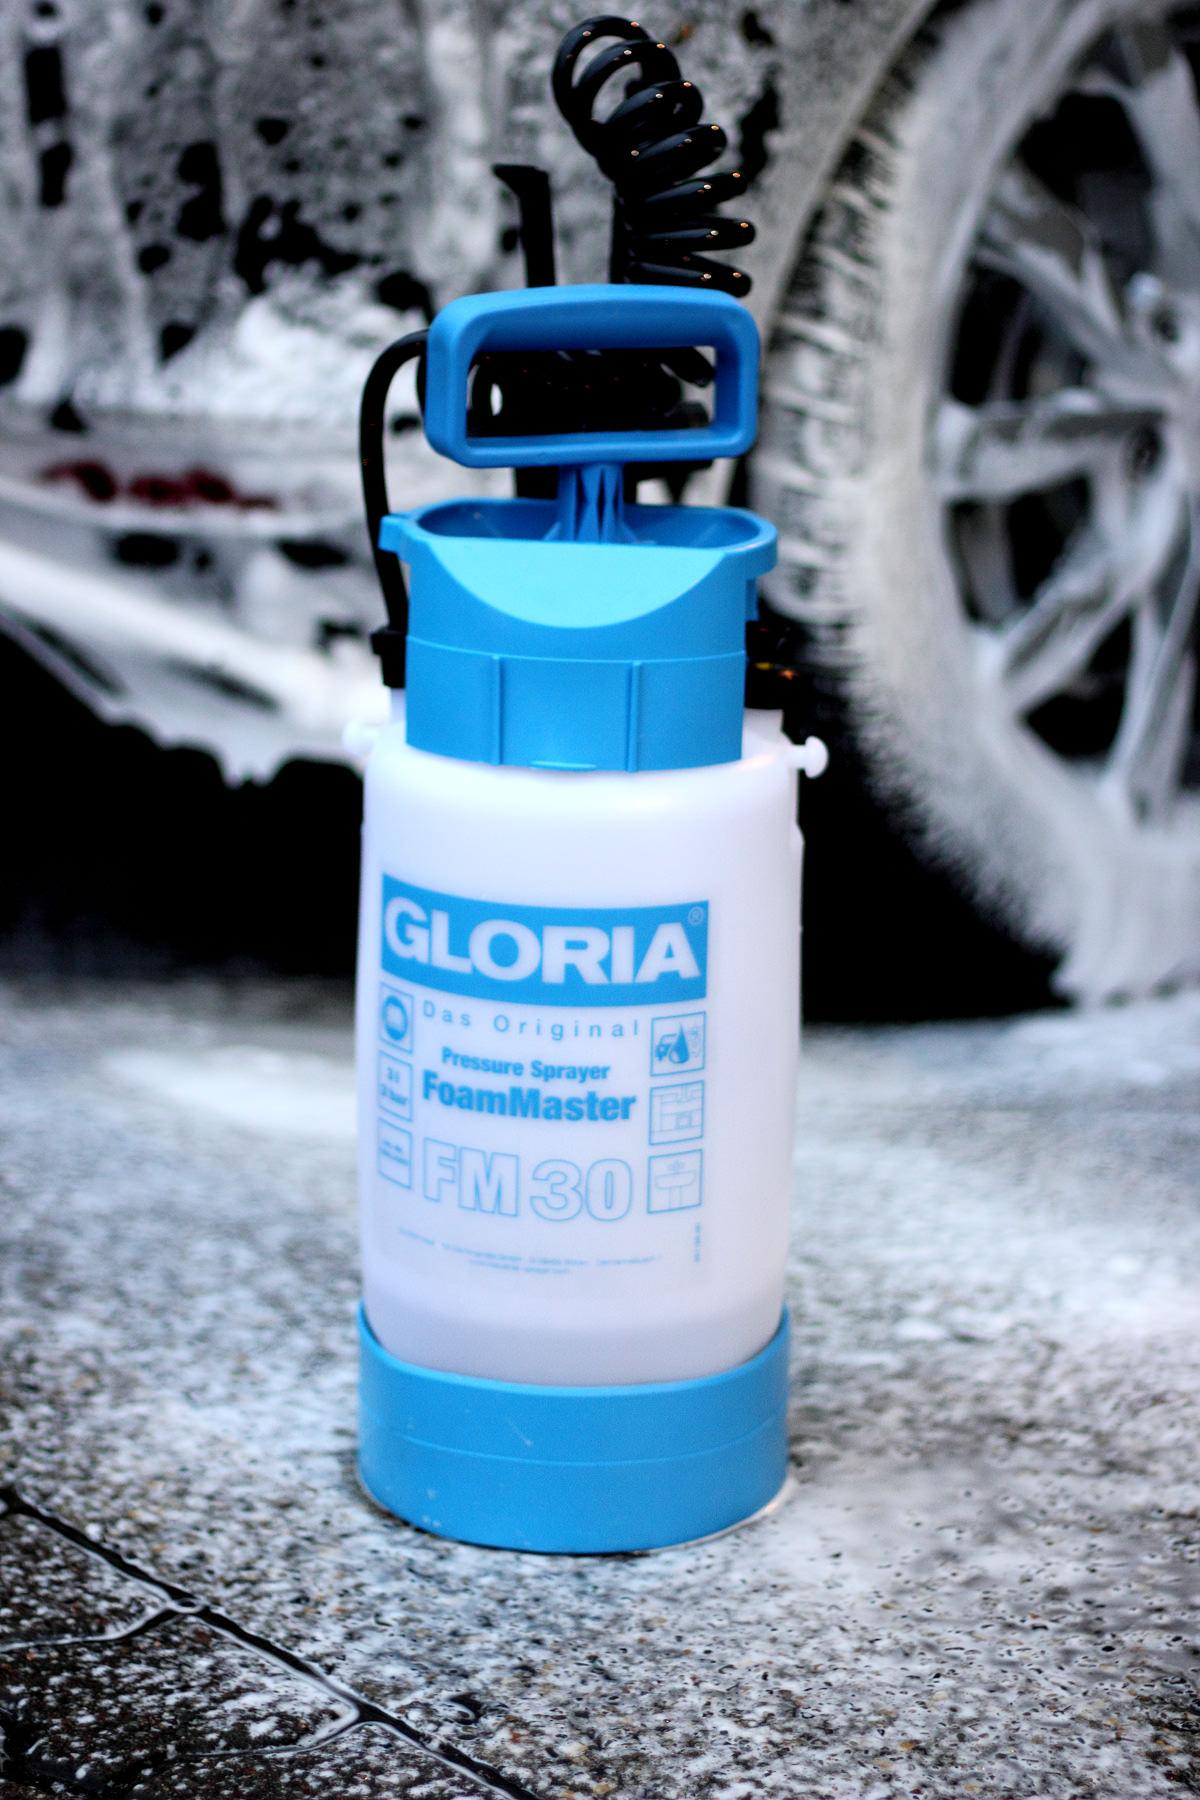 Gloria FM 30